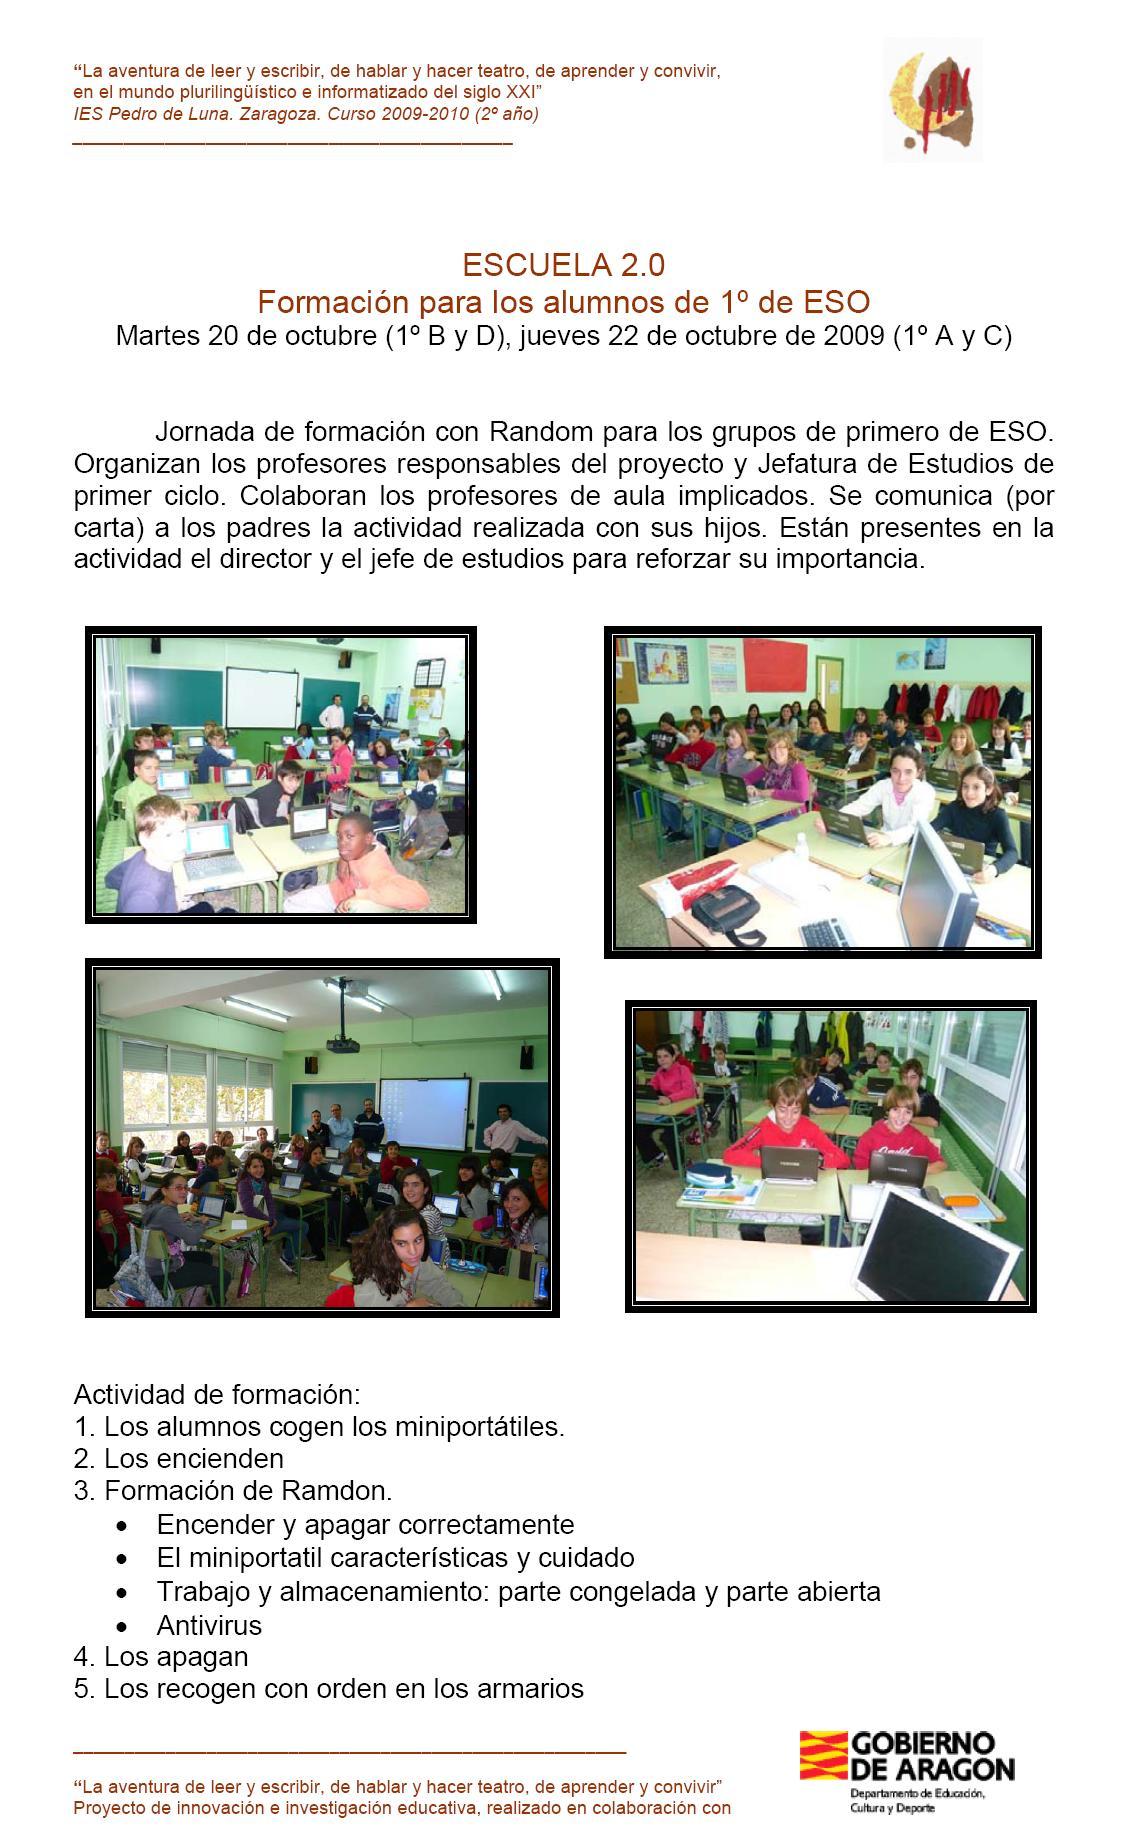 Escuela_2.0 RAMDON 1eso_FORMACION 2009_10_20